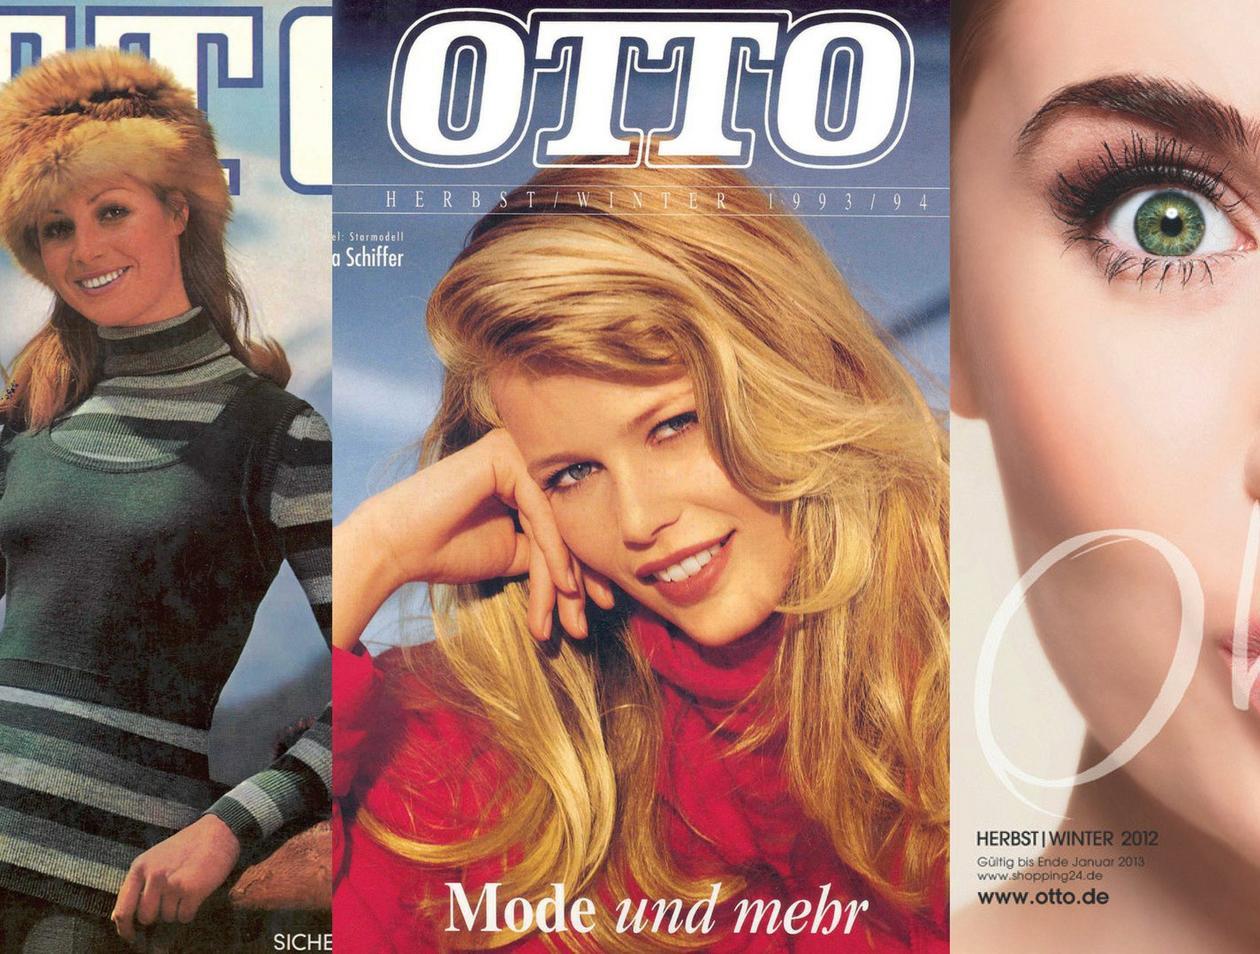 Otto Katalog wird abgeschafft: Versandhaus ist längst Online